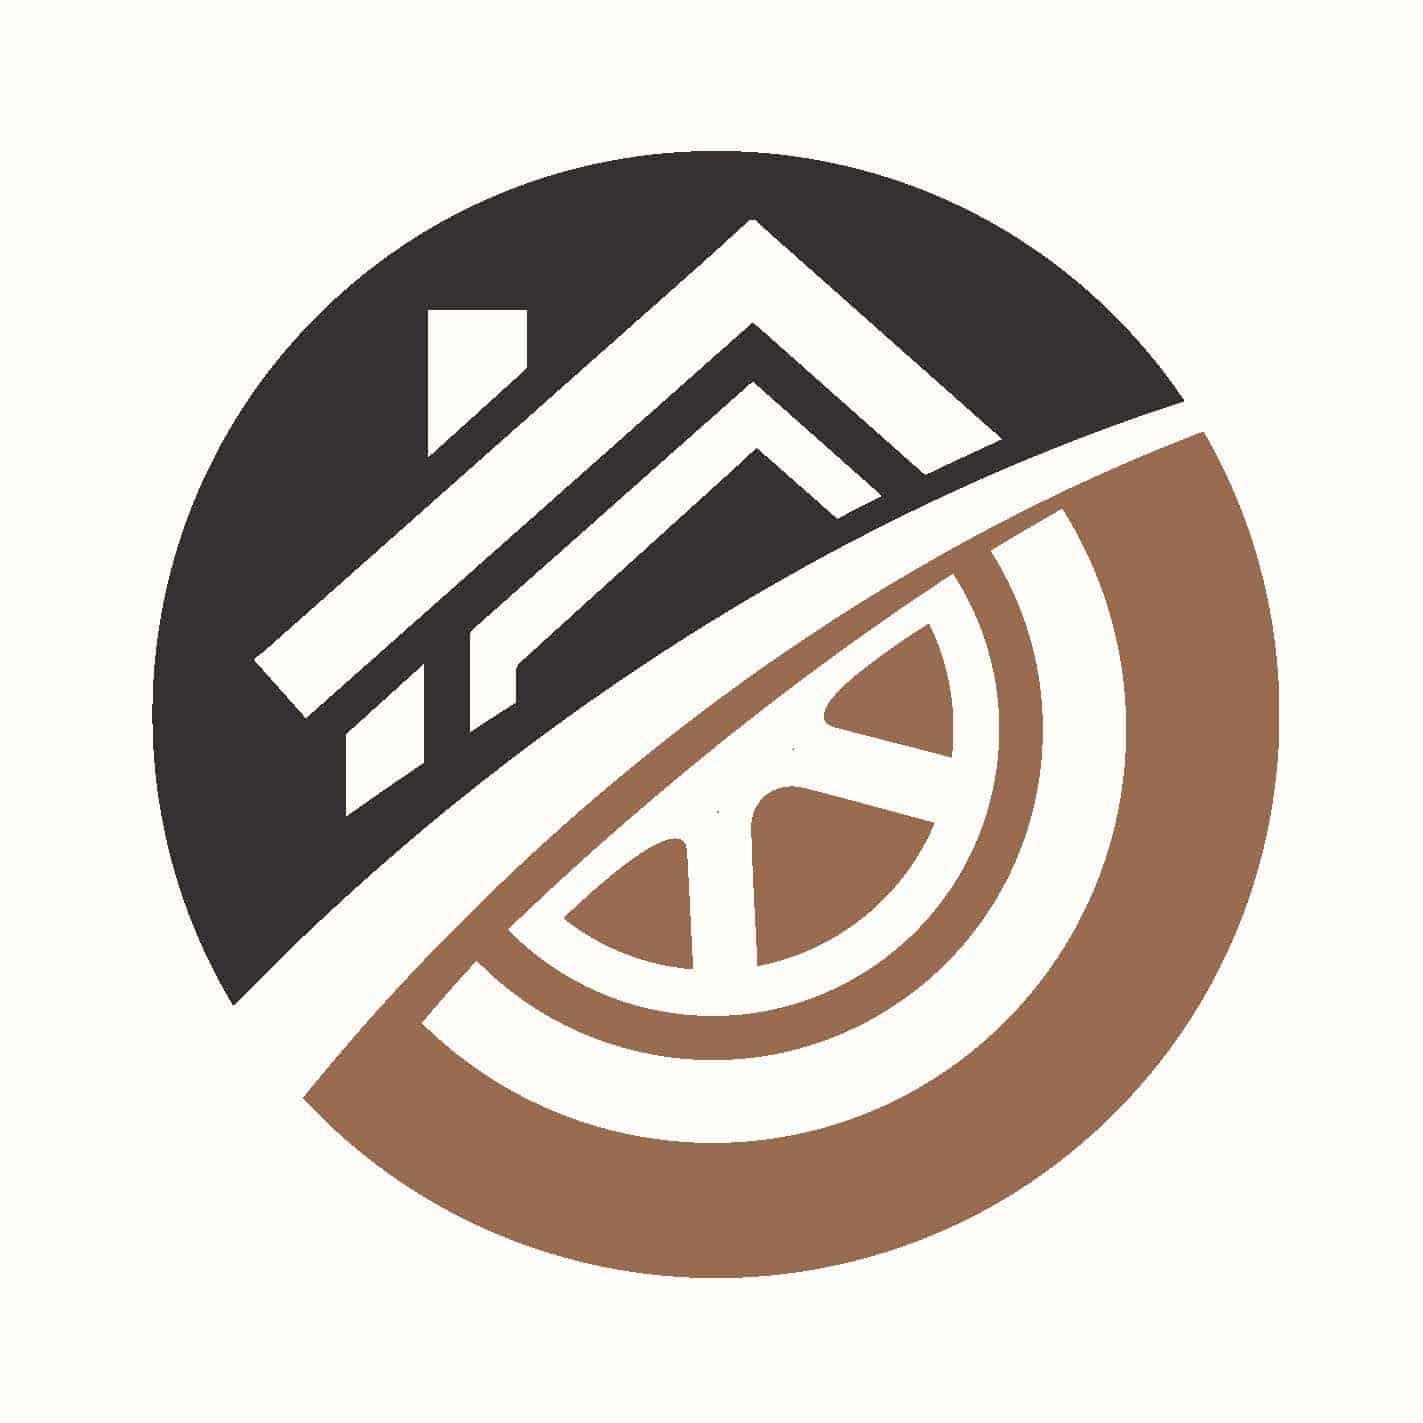 Logotyp för FJÄLS Bygg AB